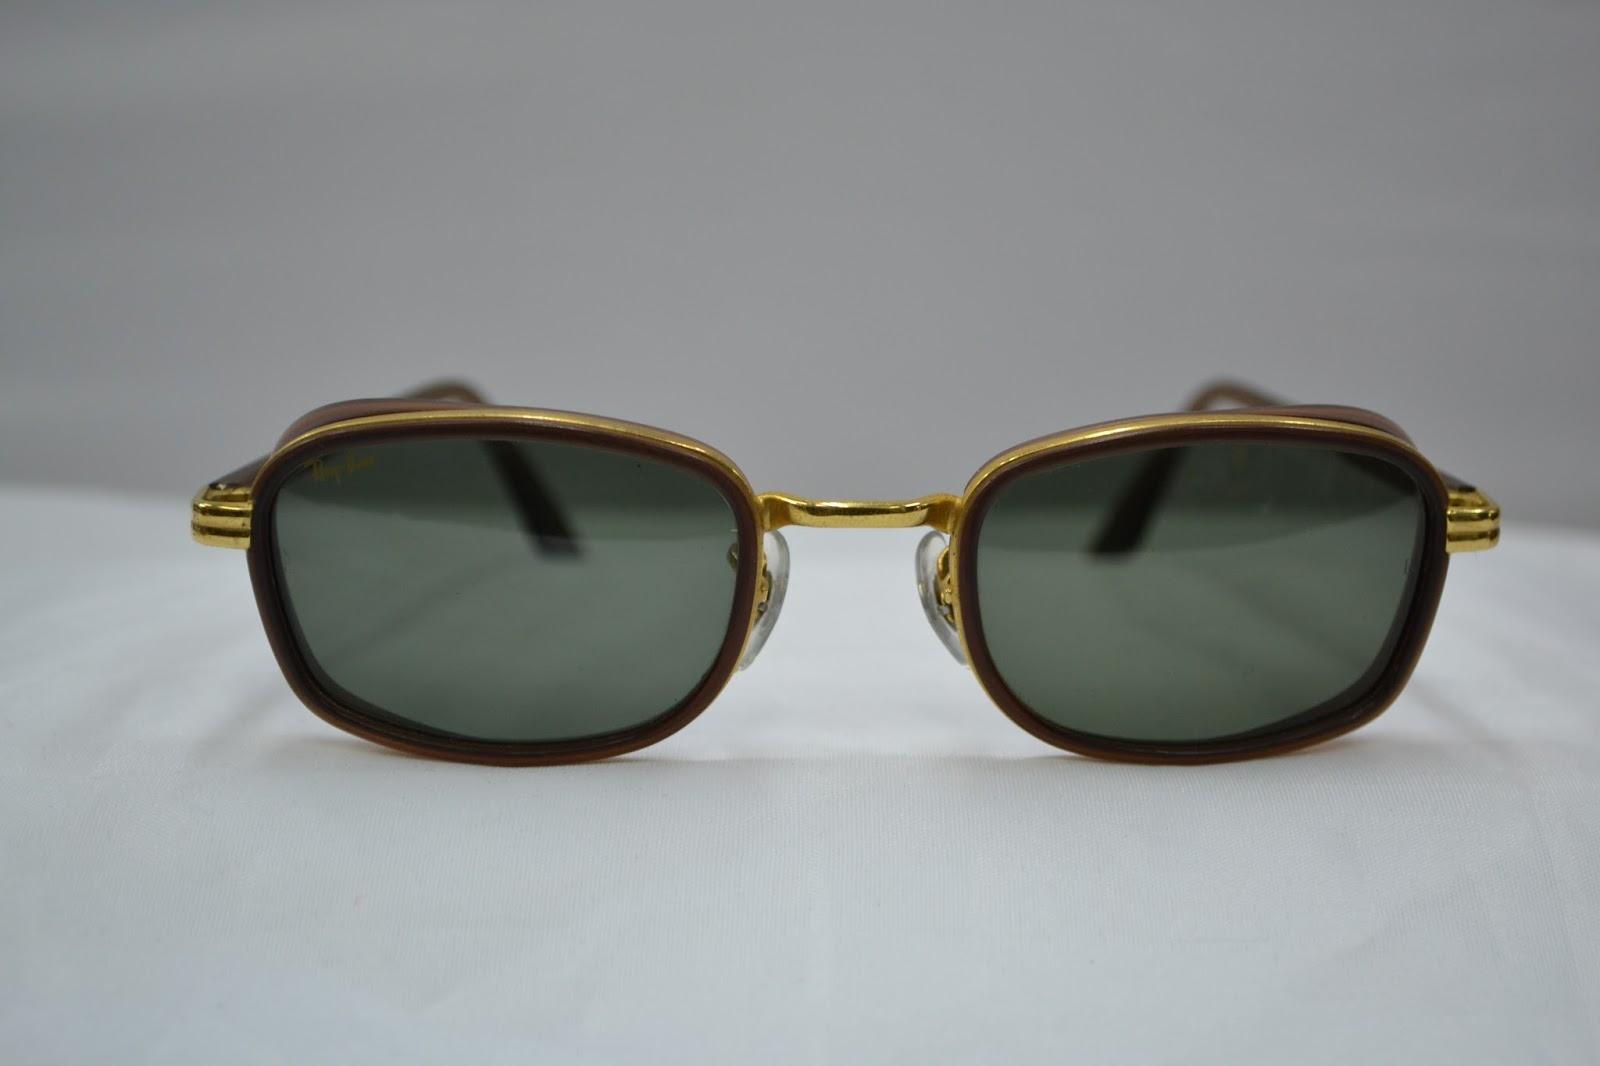 6ed969d88b5 Vintage sunglass  Vintage